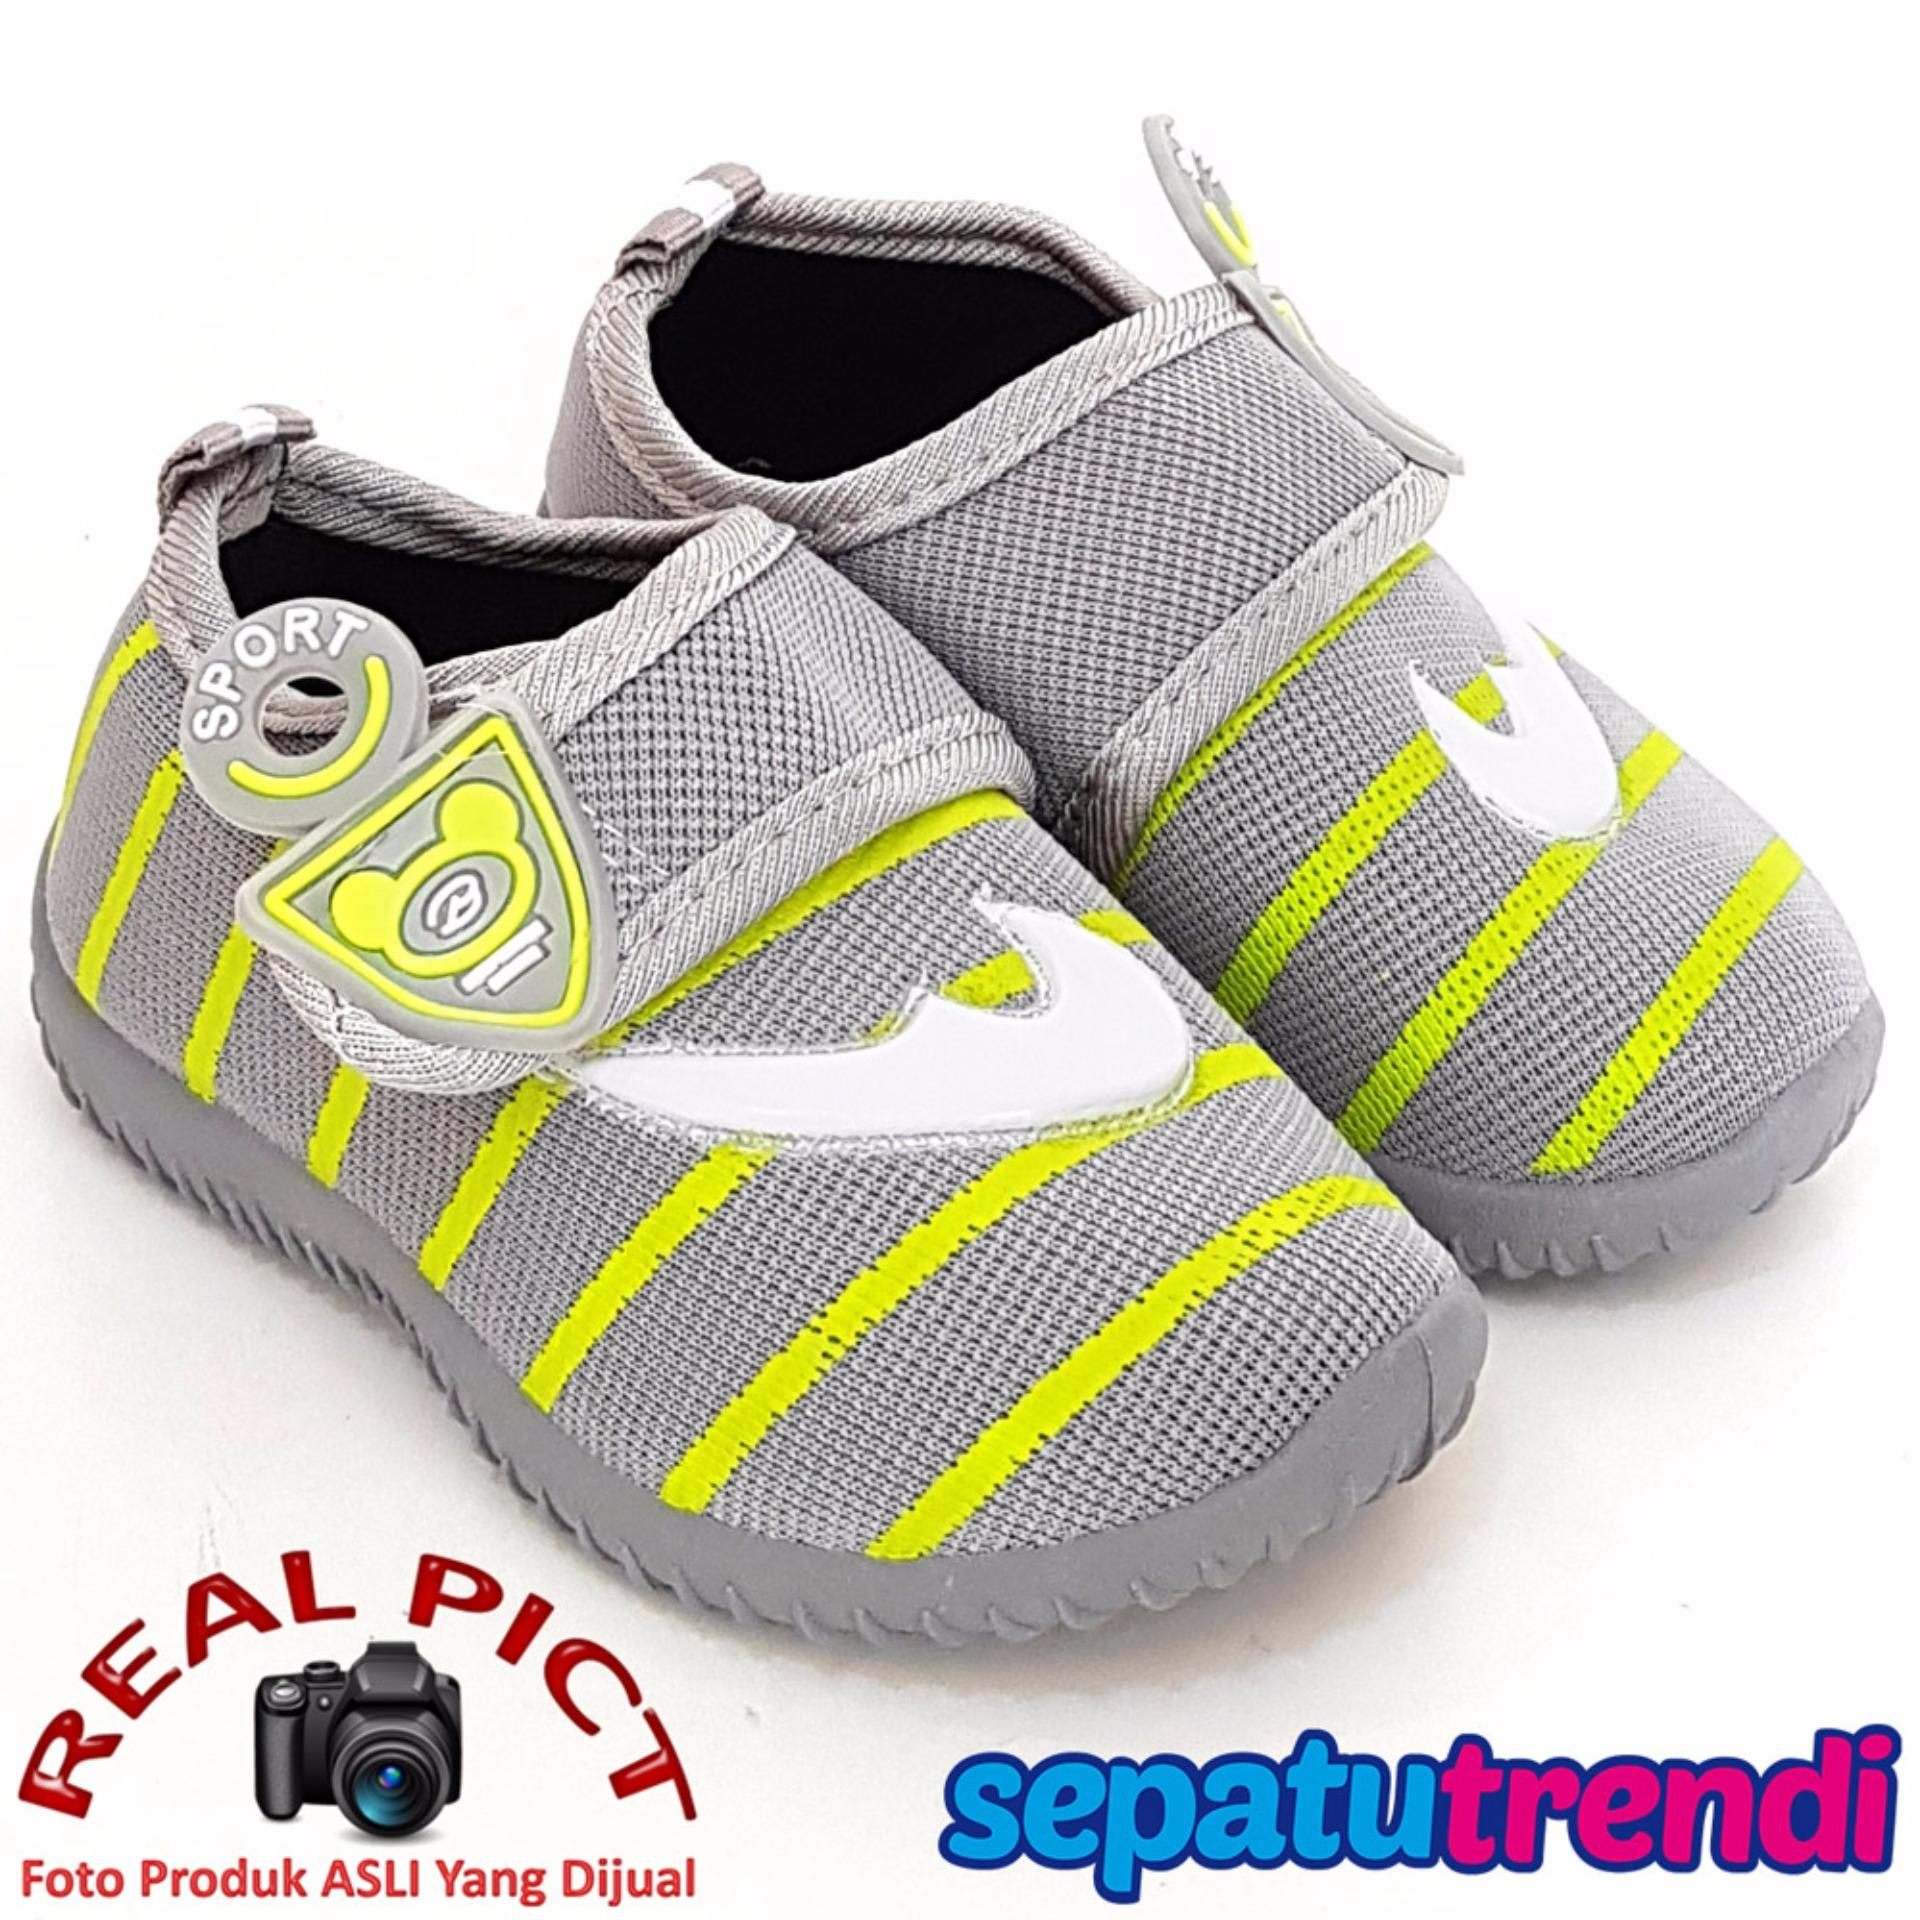 Jual Trendishoes Sepatu Anak Bayi Cowo Velcro Boomerang Rdcnik Grey Branded Original